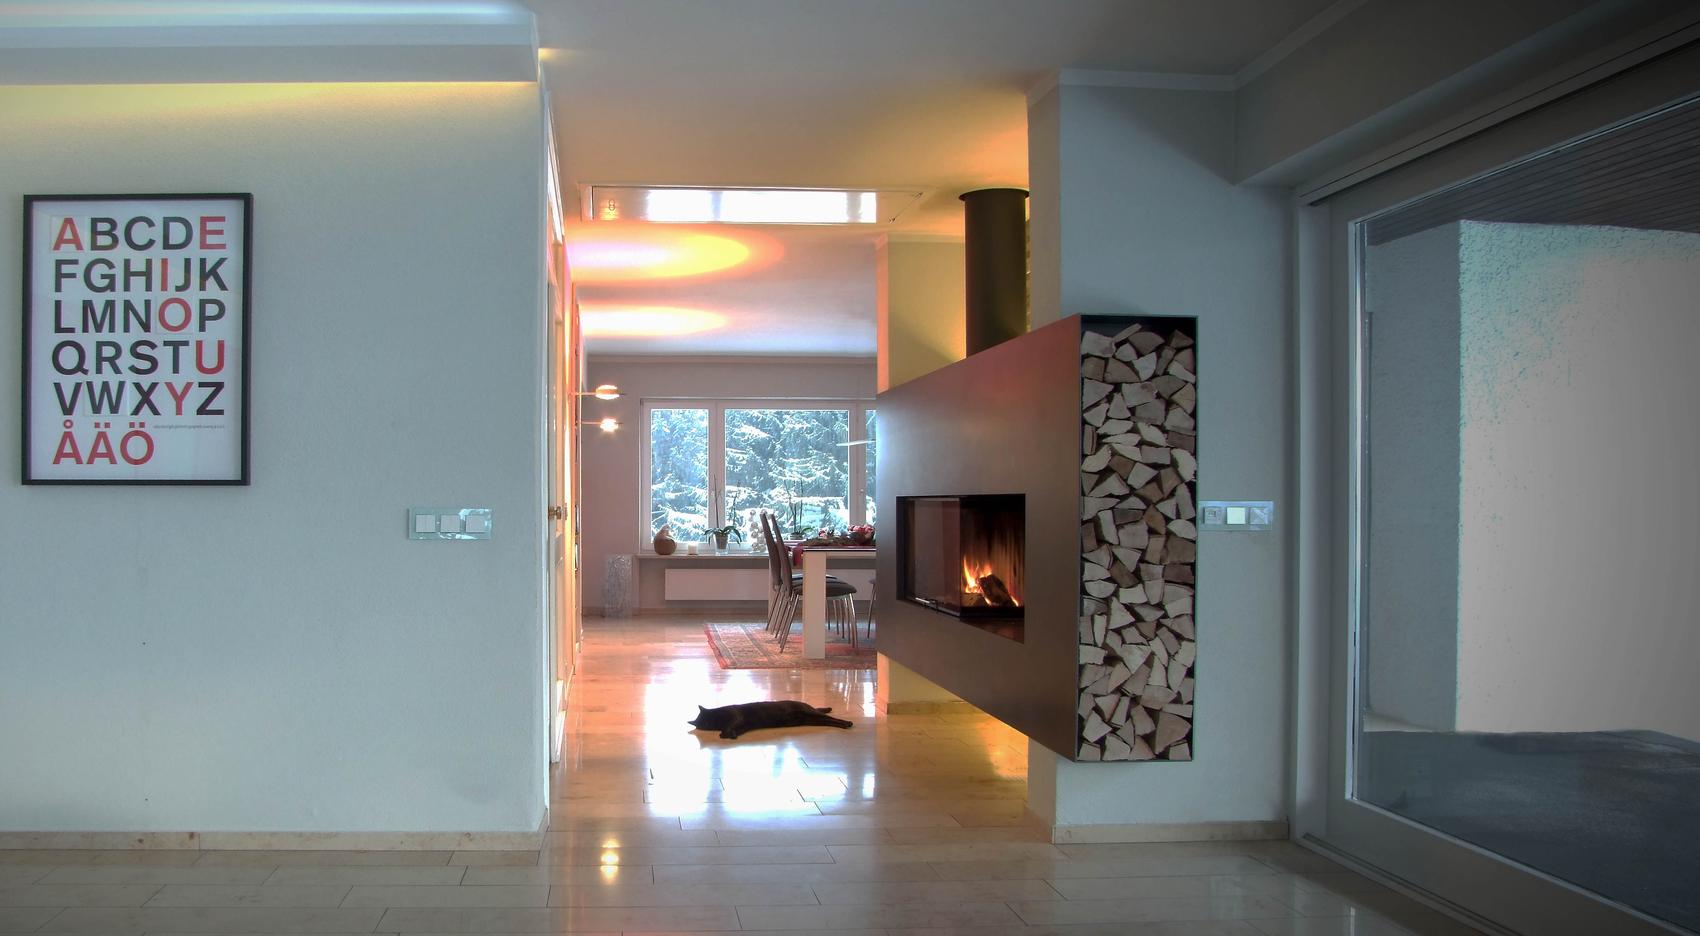 Moderne Feuerstellen Kachelfen Grundfen und Design Kamine aus Stahl Stahlofen Ofendesign